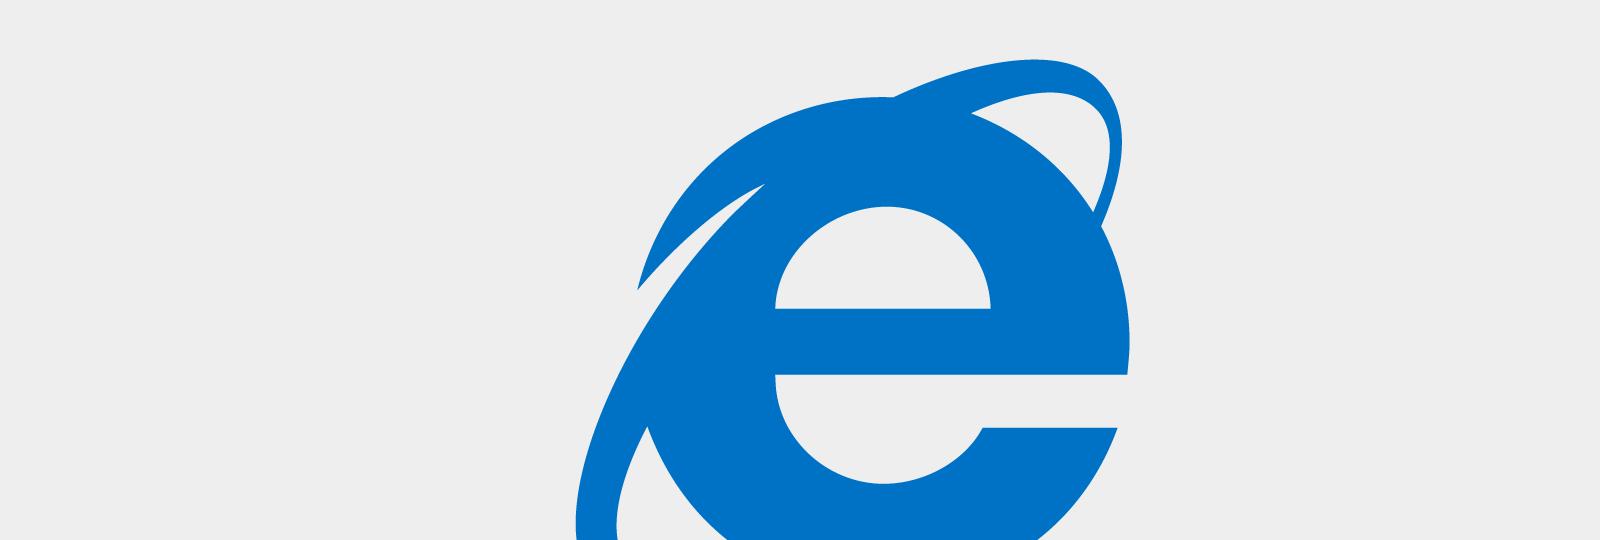 Скачайте самый современный Internet Explorer прямо сейчас.